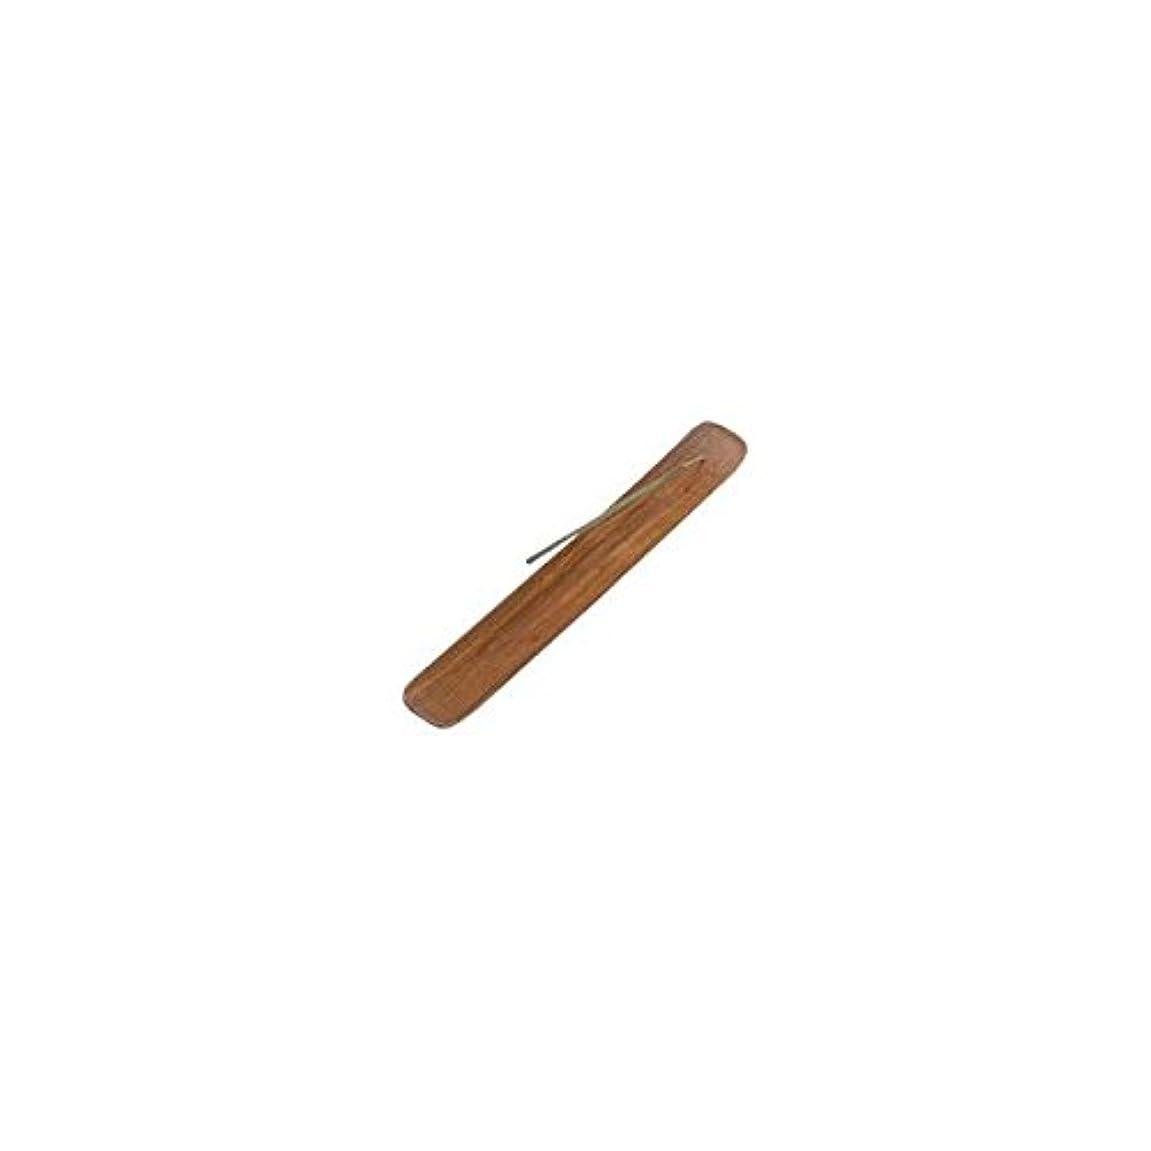 透けて見えるストリップタオルIncense Burner Plain Wood - 1 pc